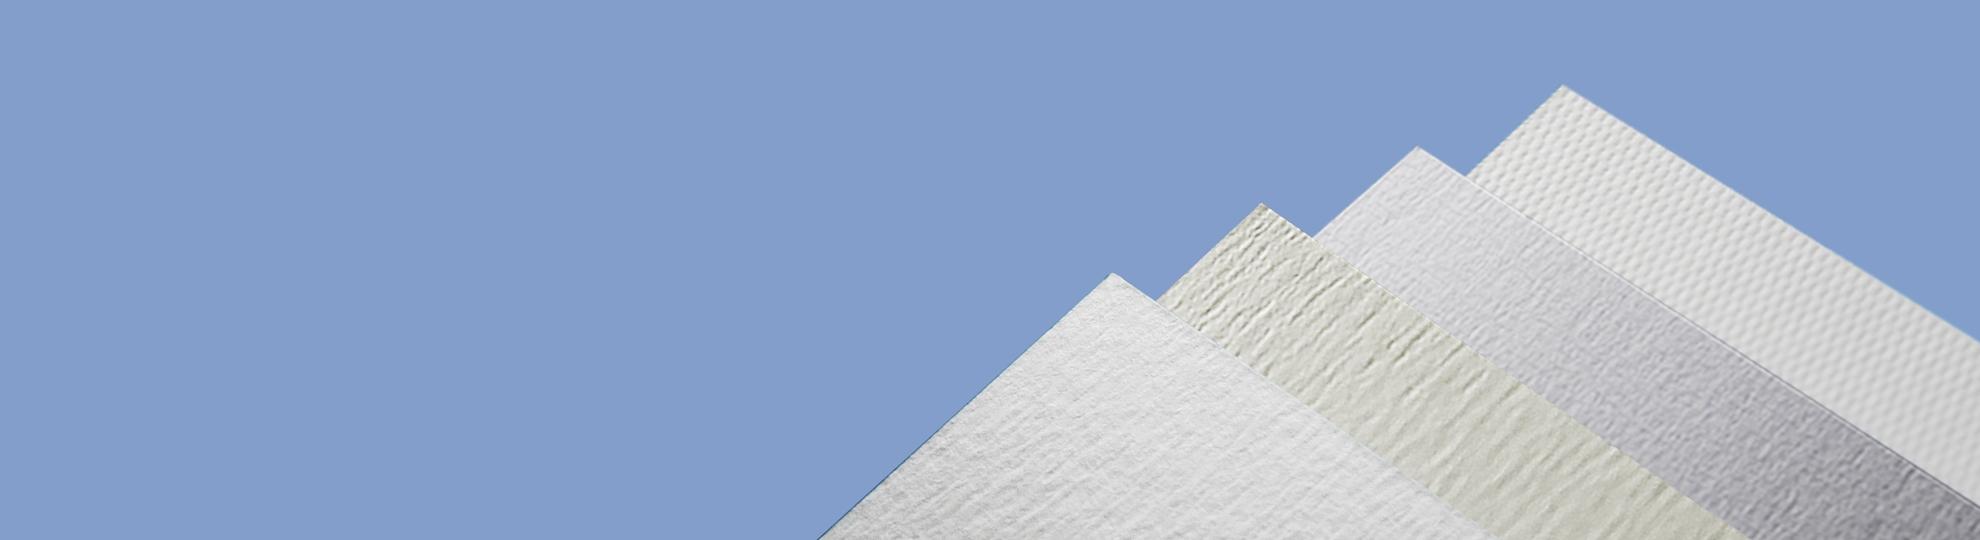 Flyer papier texturé pas cher